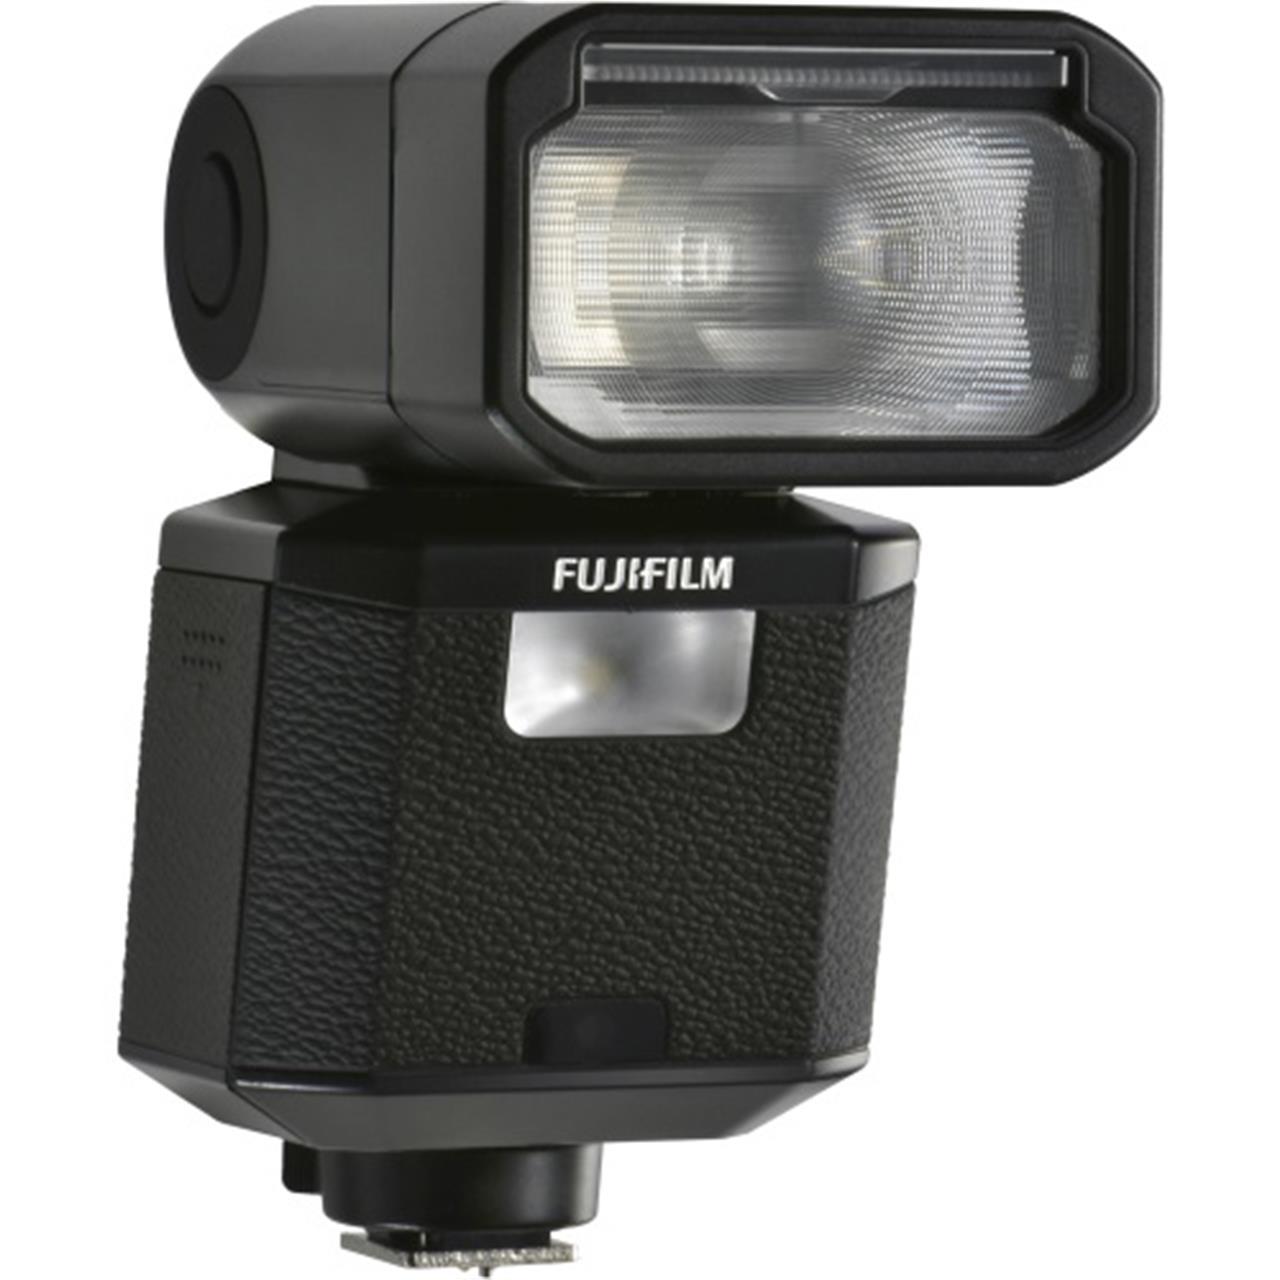 4547410322040__fujifilm_ef_x500_flash.jpg